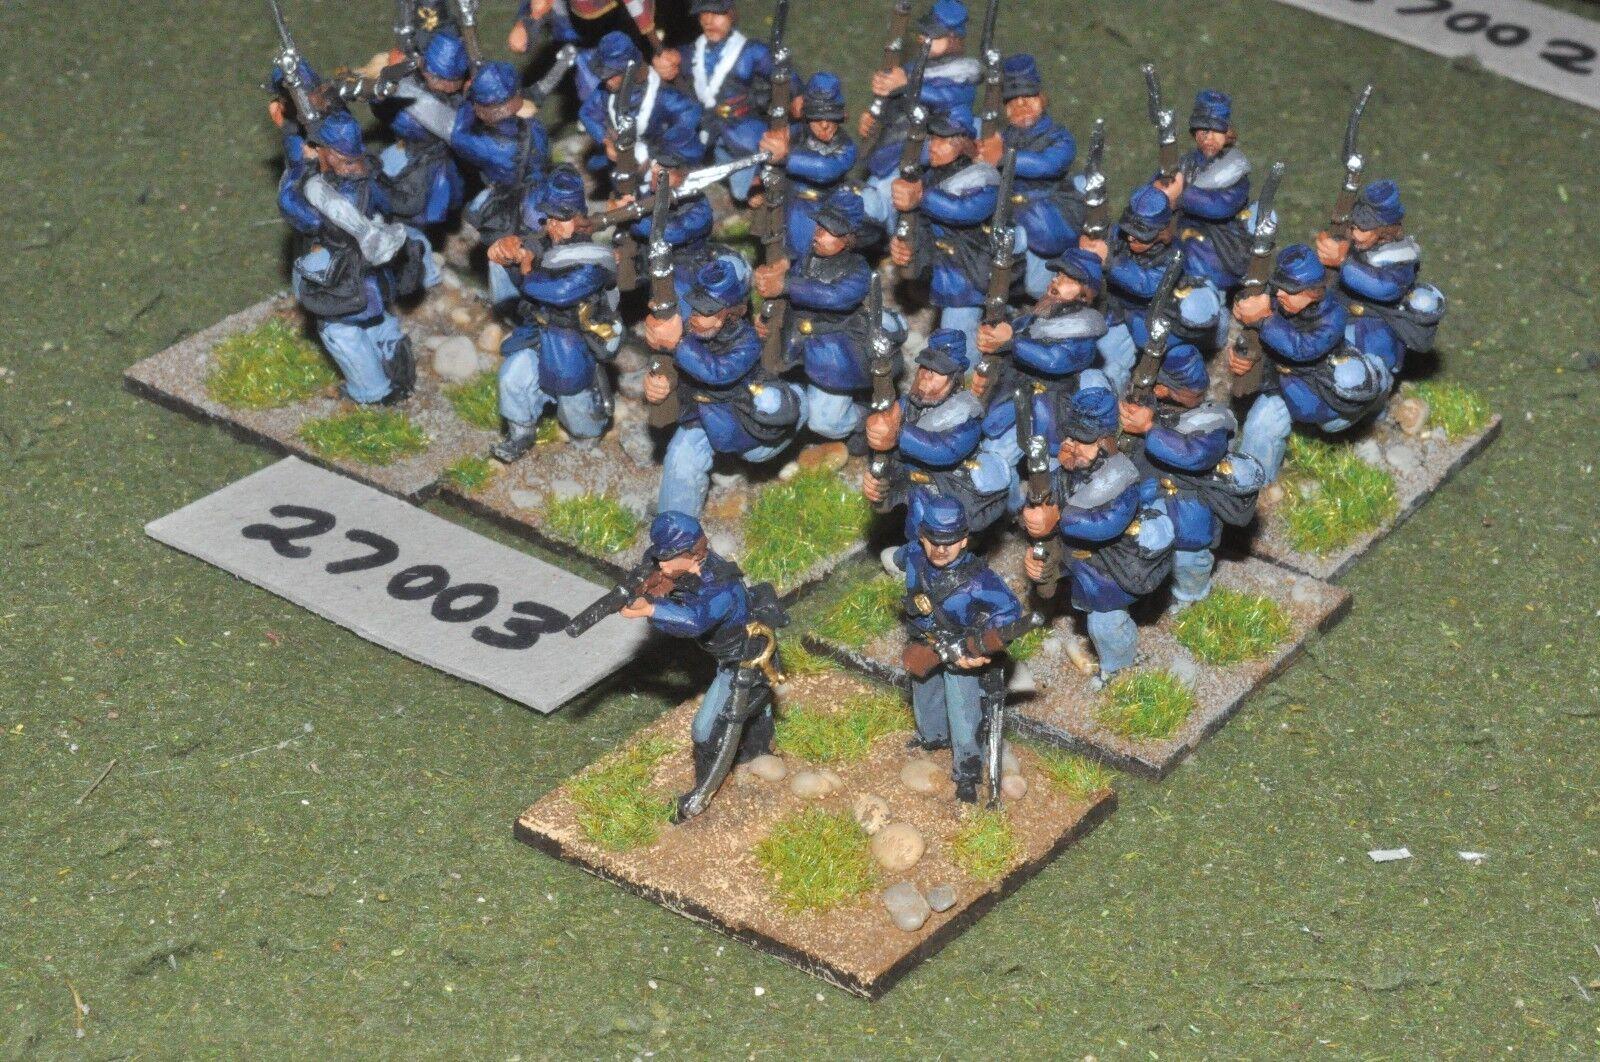 25mm ACW   union - regiment 26 figures - inf (27003)